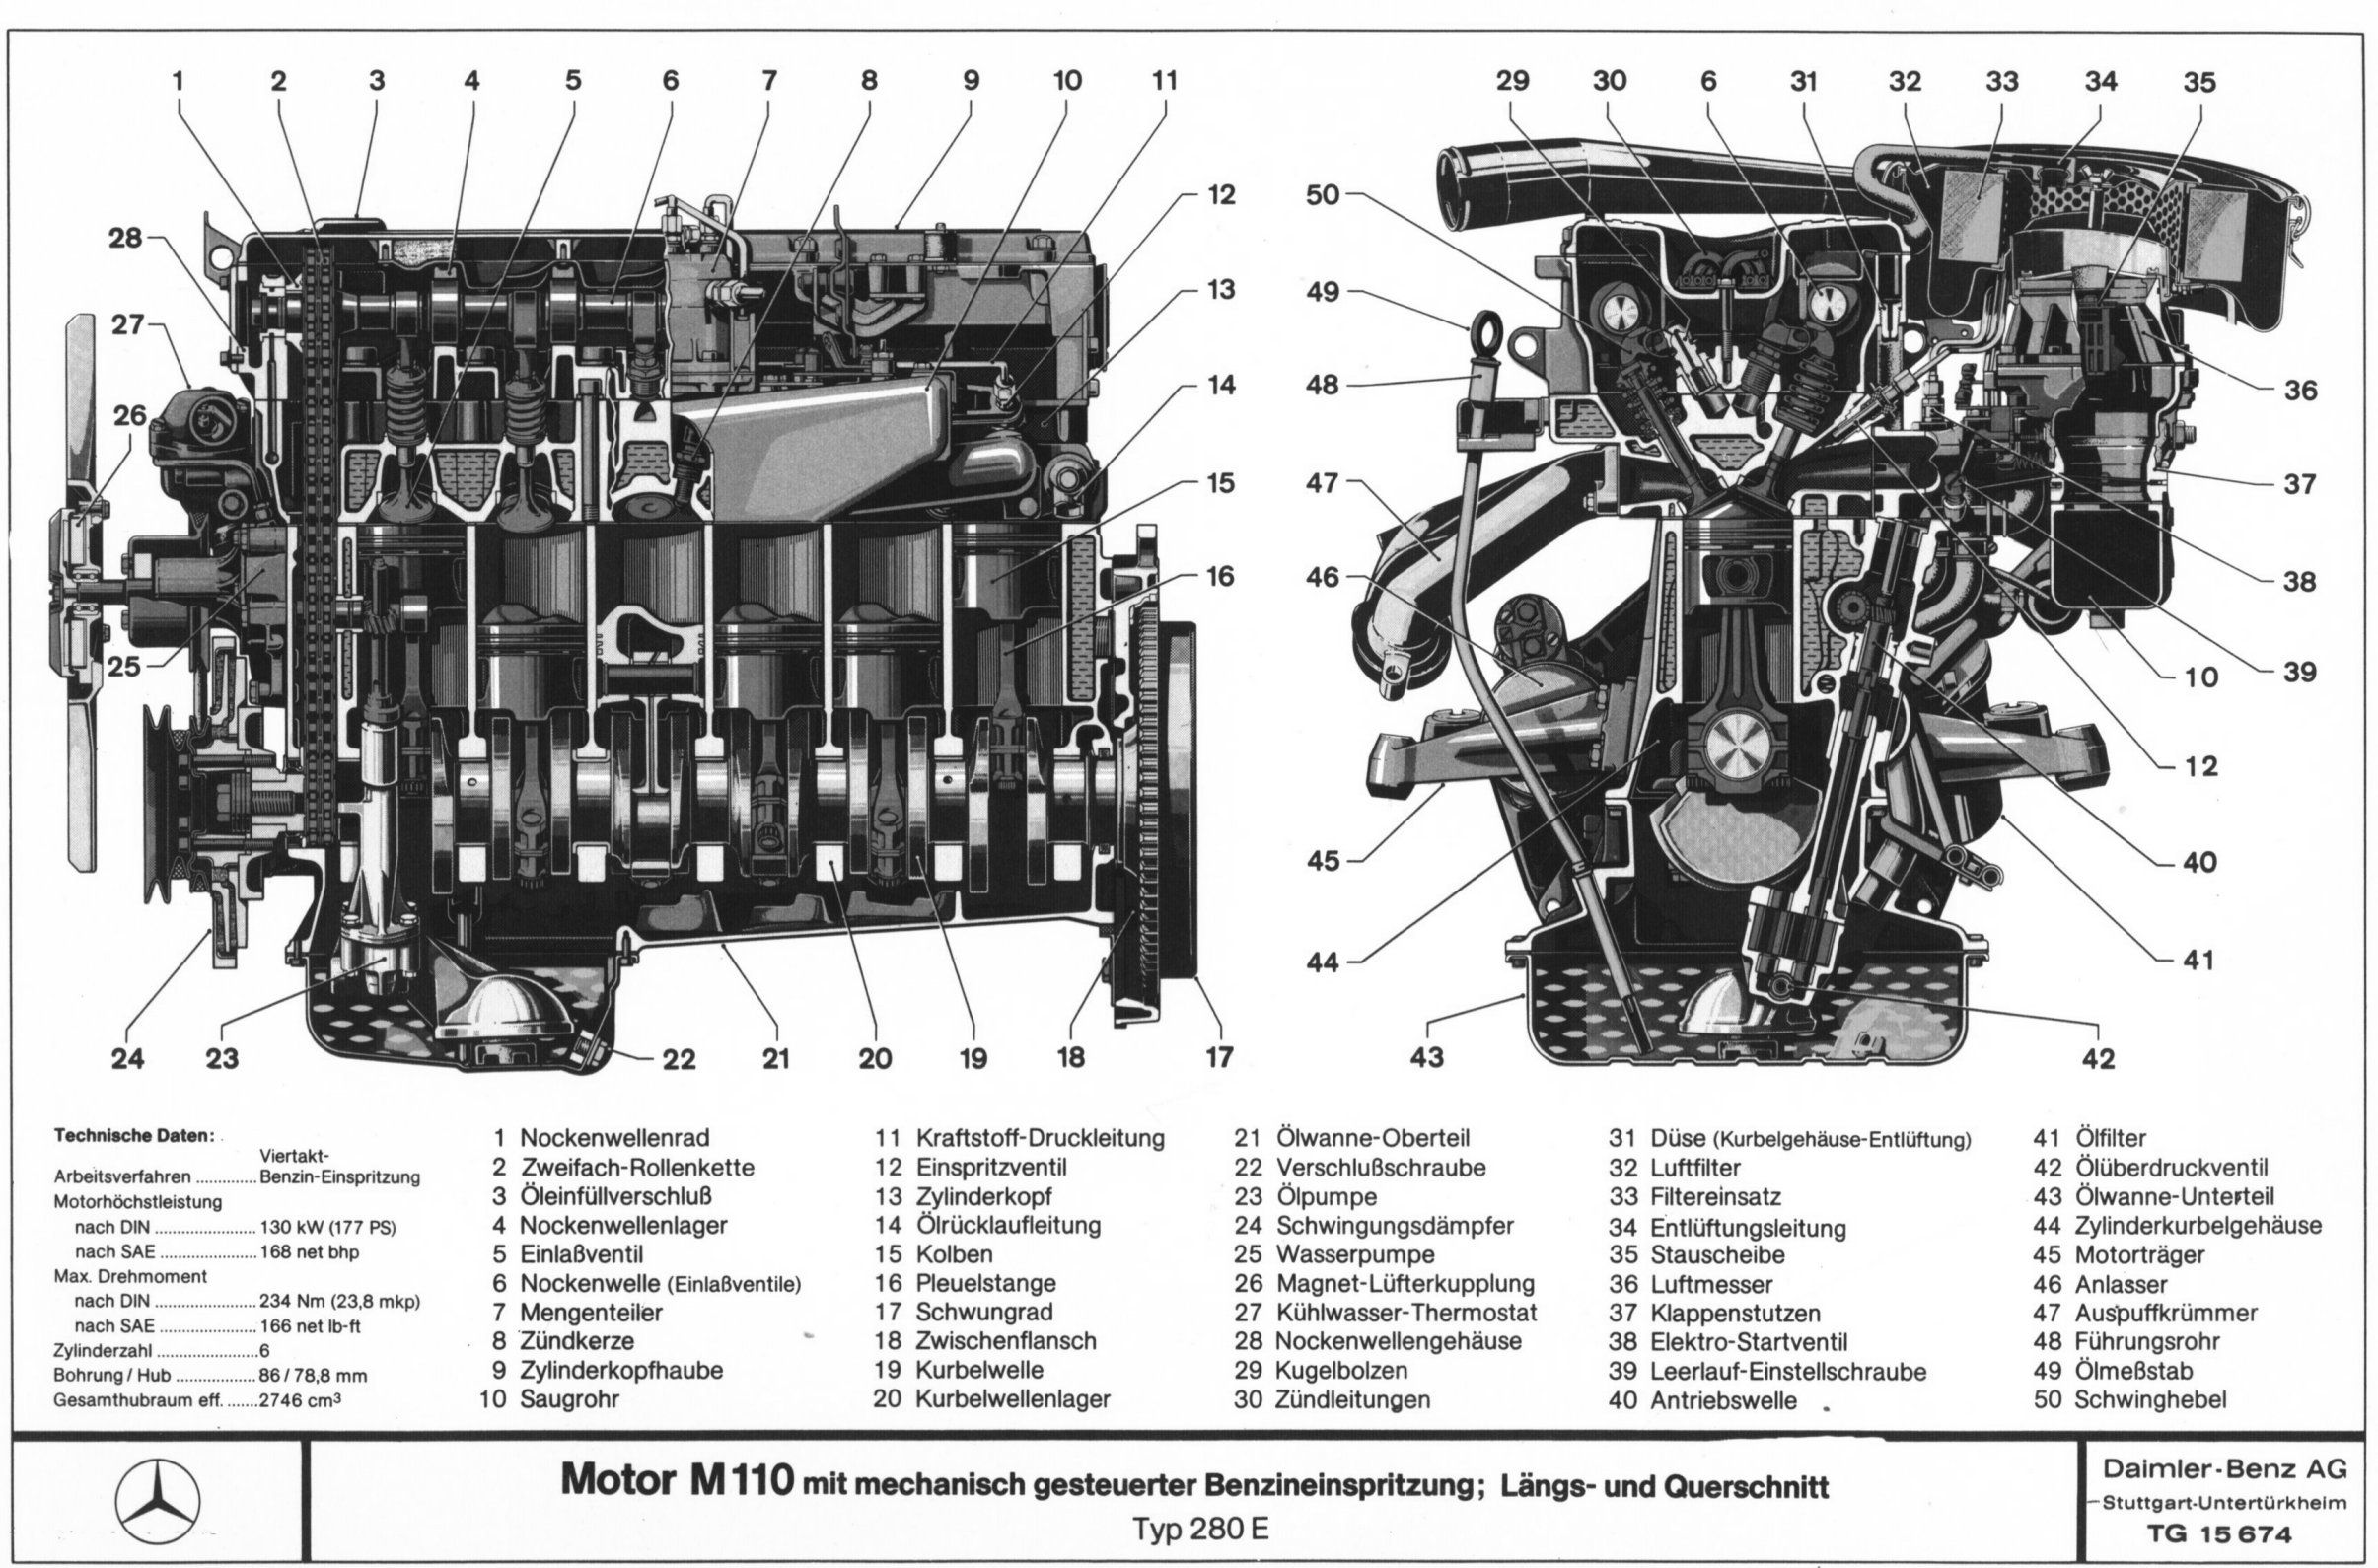 mercedes - benz w 123 typ 280 e motor m 110 schematics